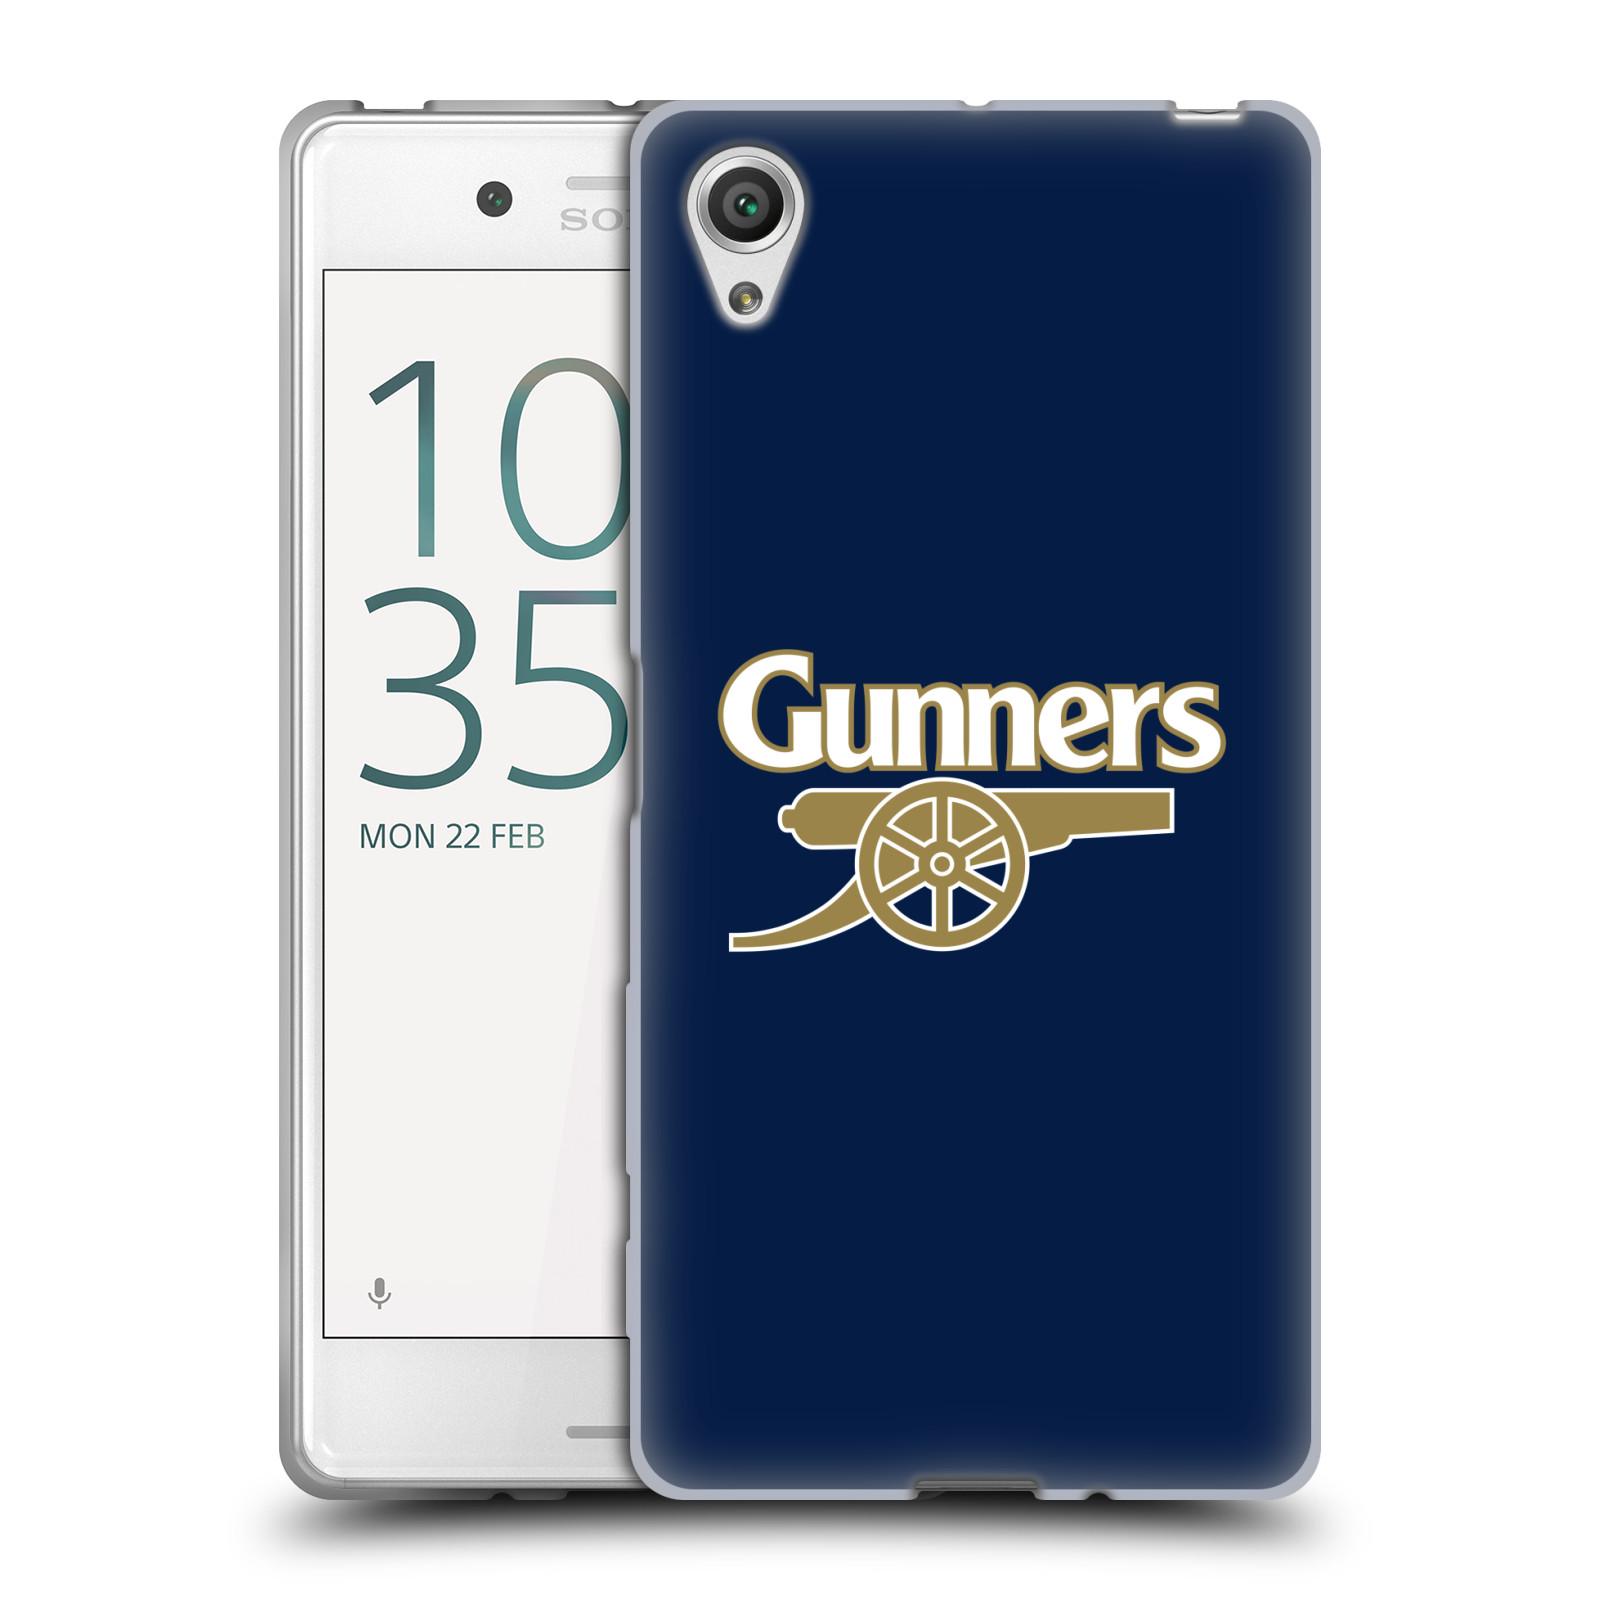 Silikonové pouzdro na mobil Sony Xperia X - Head Case - Arsenal FC - Gunners